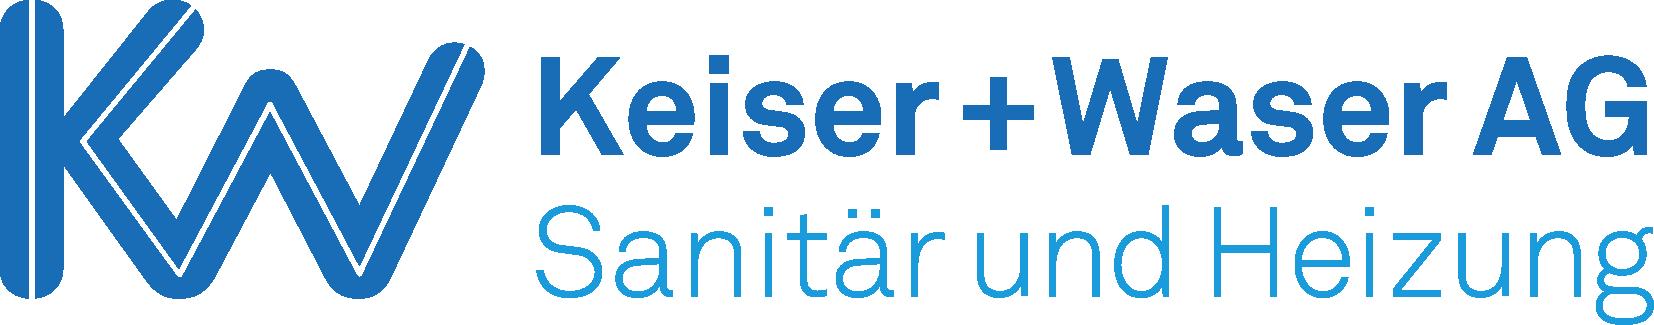 Keiser + Waser AG